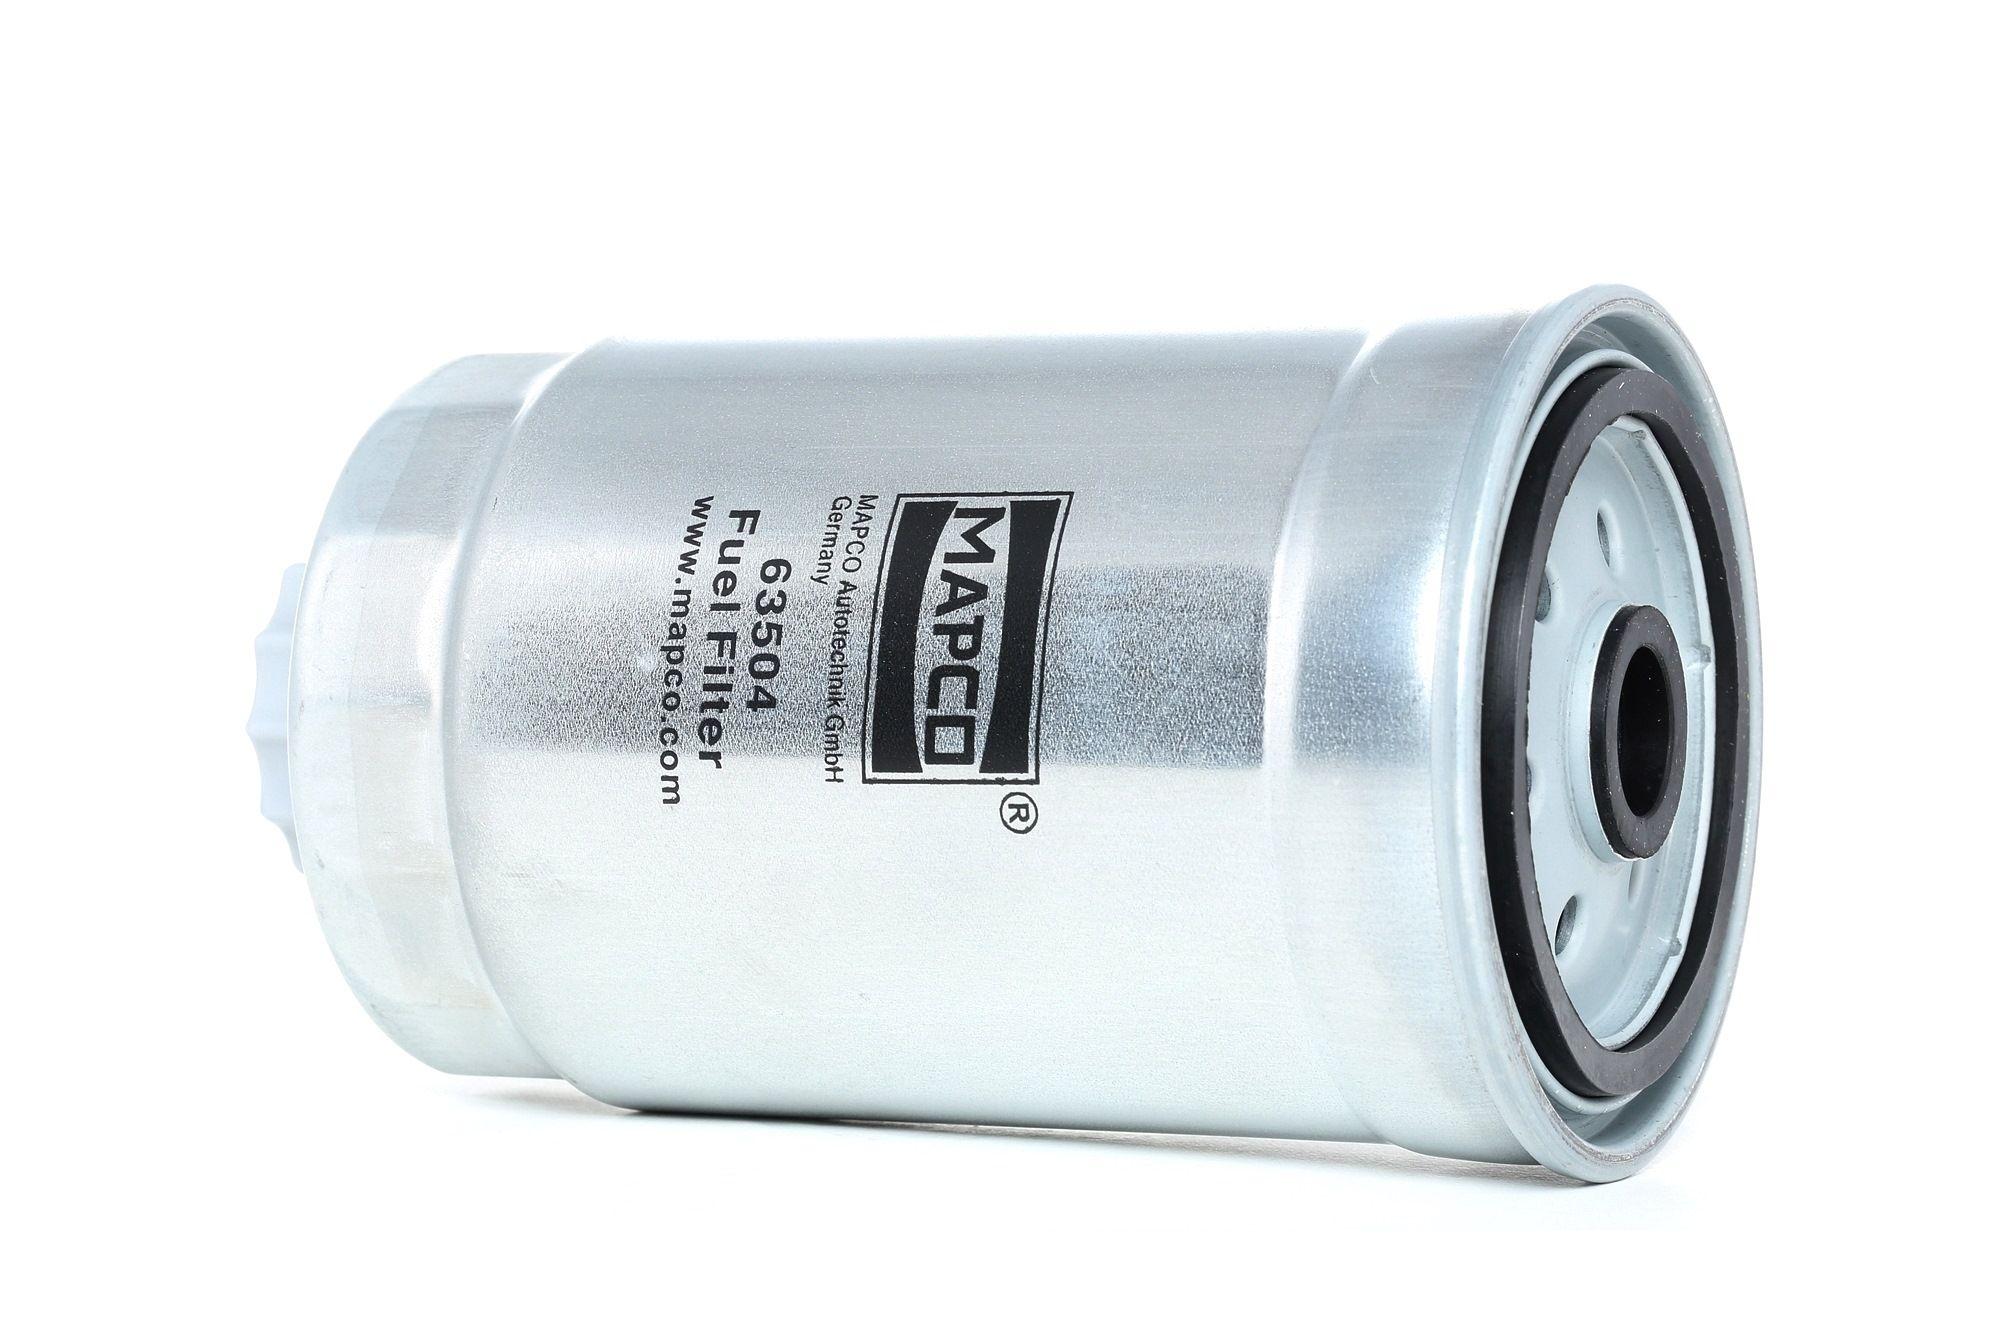 Palivový filtr 63504 s vynikajícím poměrem mezi cenou a MAPCO kvalitou